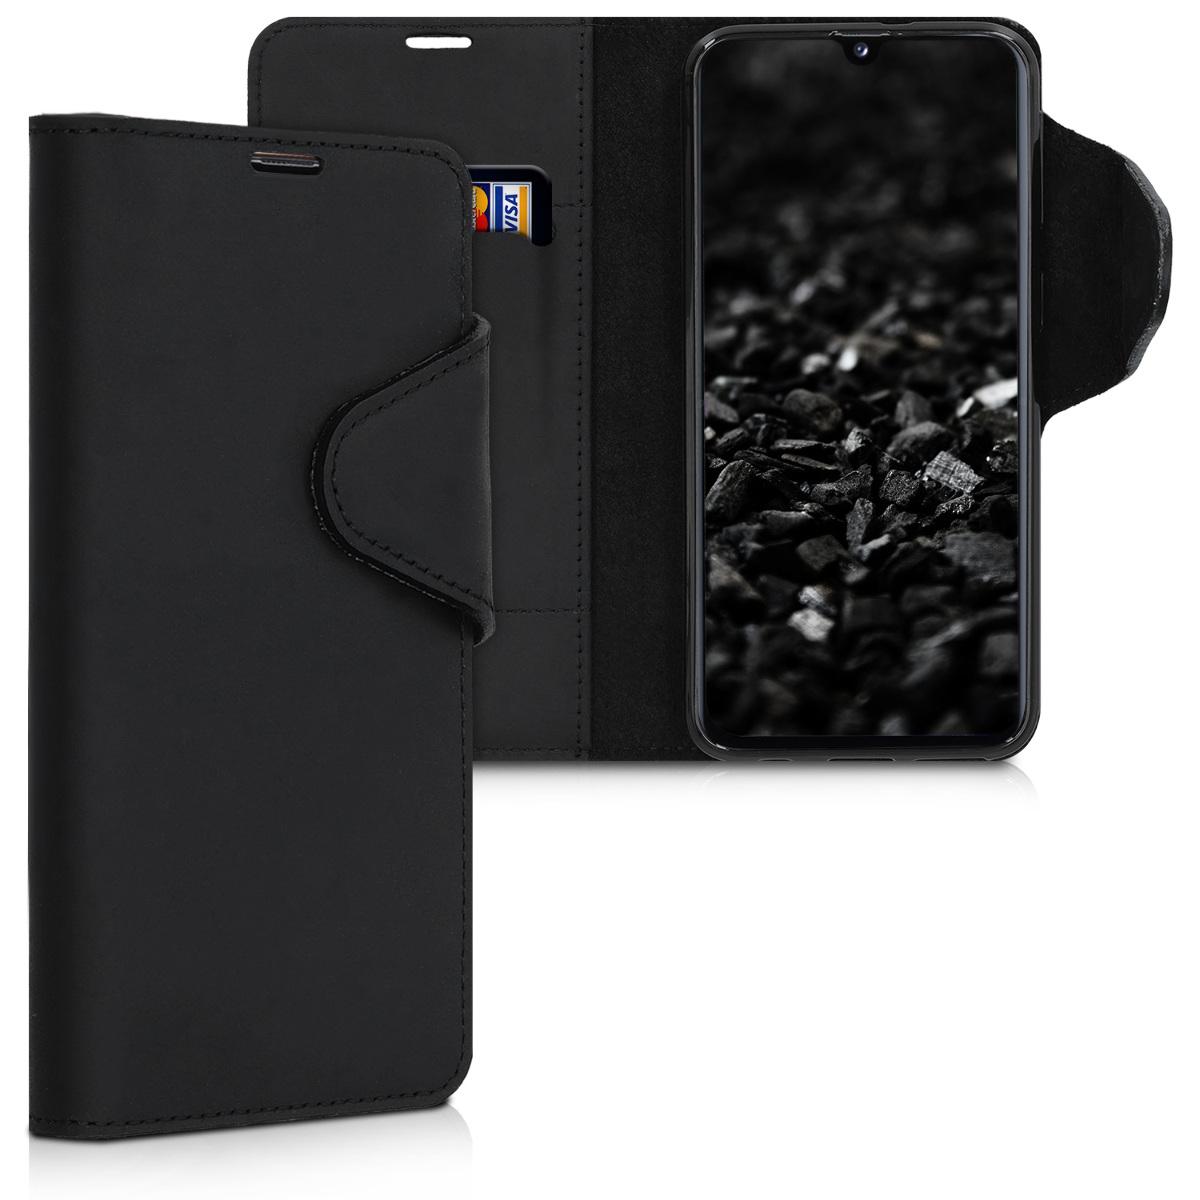 Kalibri Δερμάτινη Suede Θήκη - Πορτοφόλι Samsung Galaxy A40  - Black (48667.01)